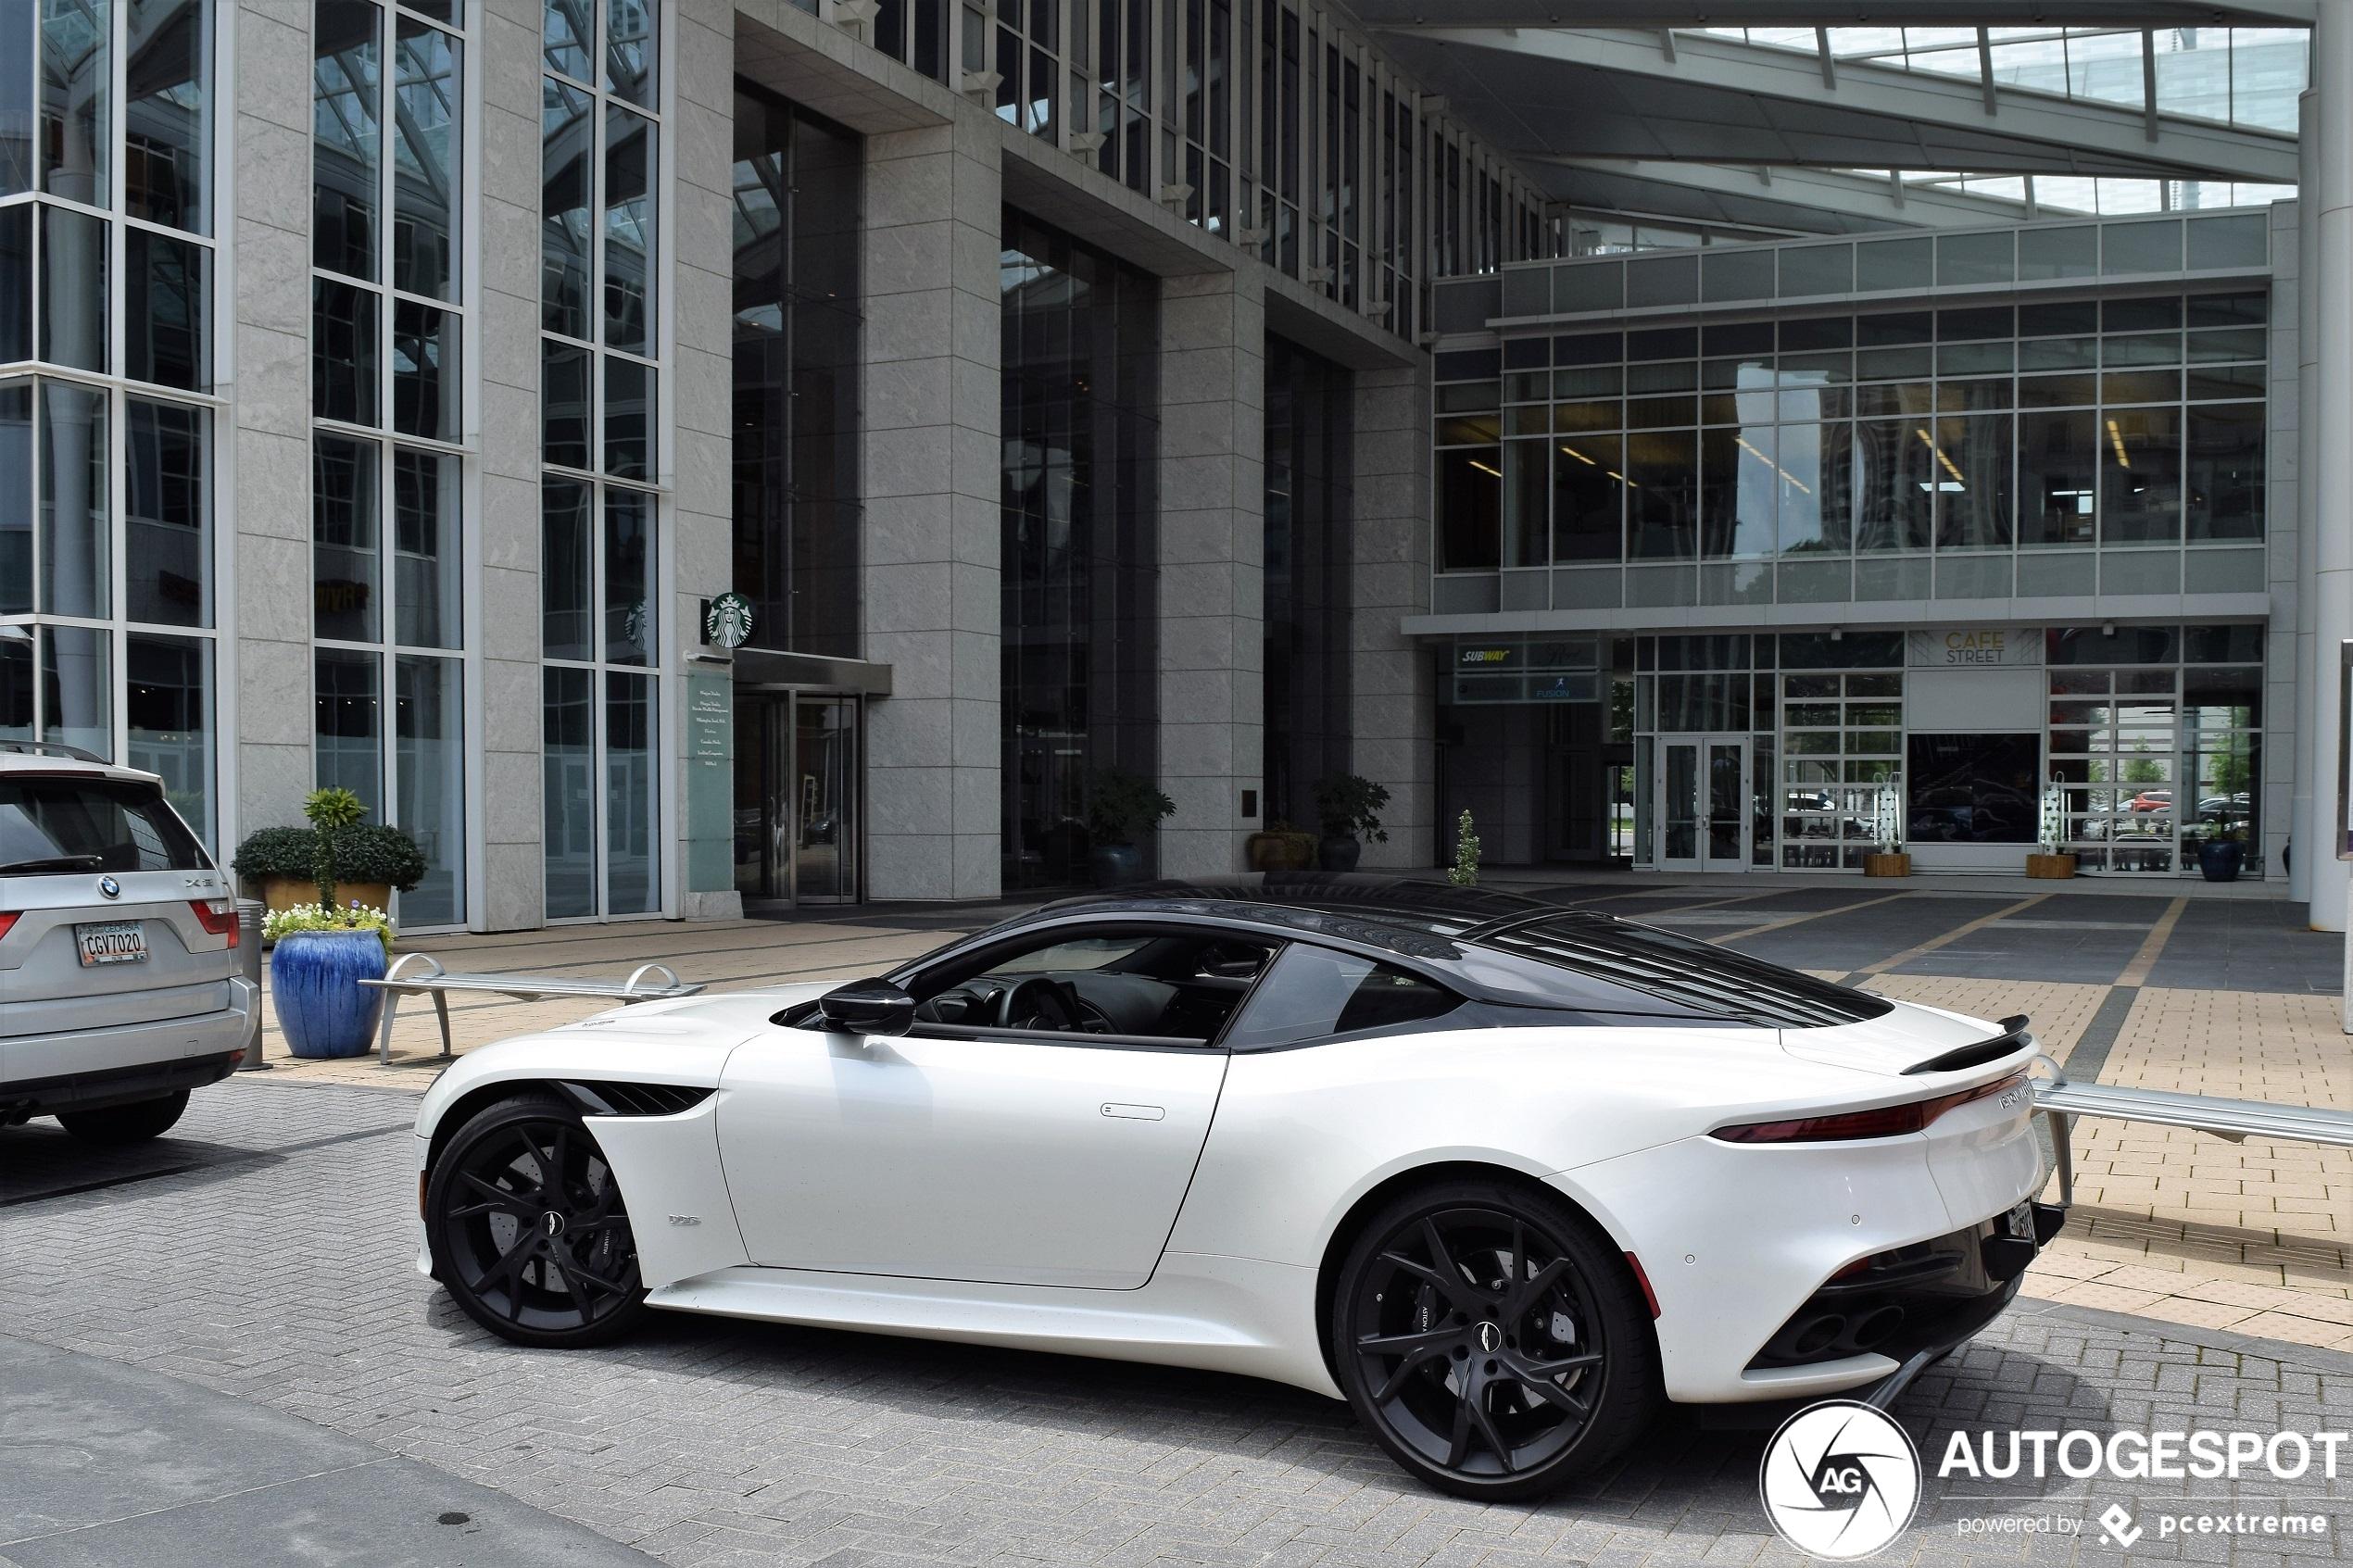 Aston Martin Dbs Superleggera 8 Juni 2020 Autogespot